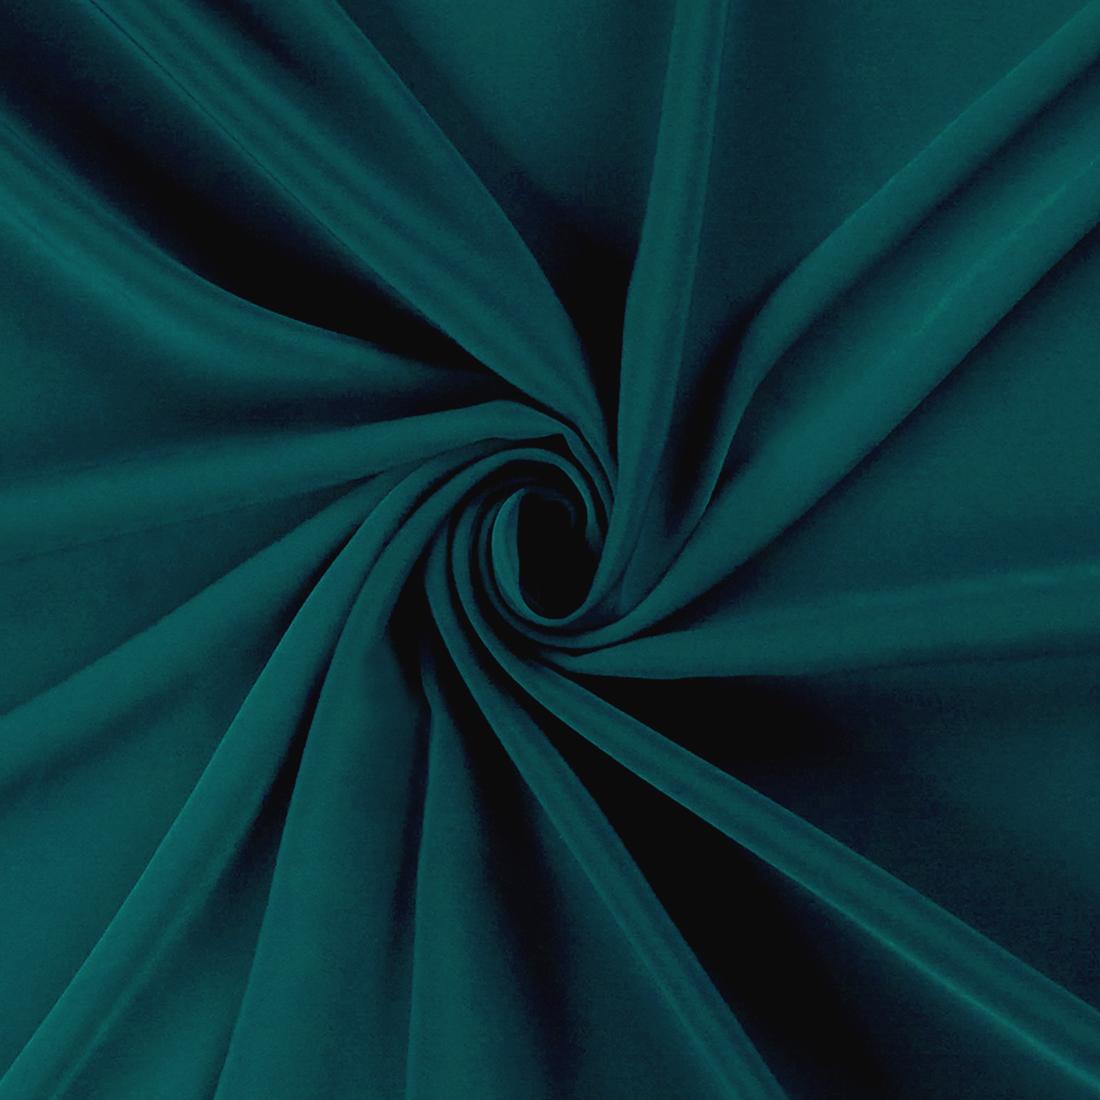 Luxury Crepe Teal Dress Fabric